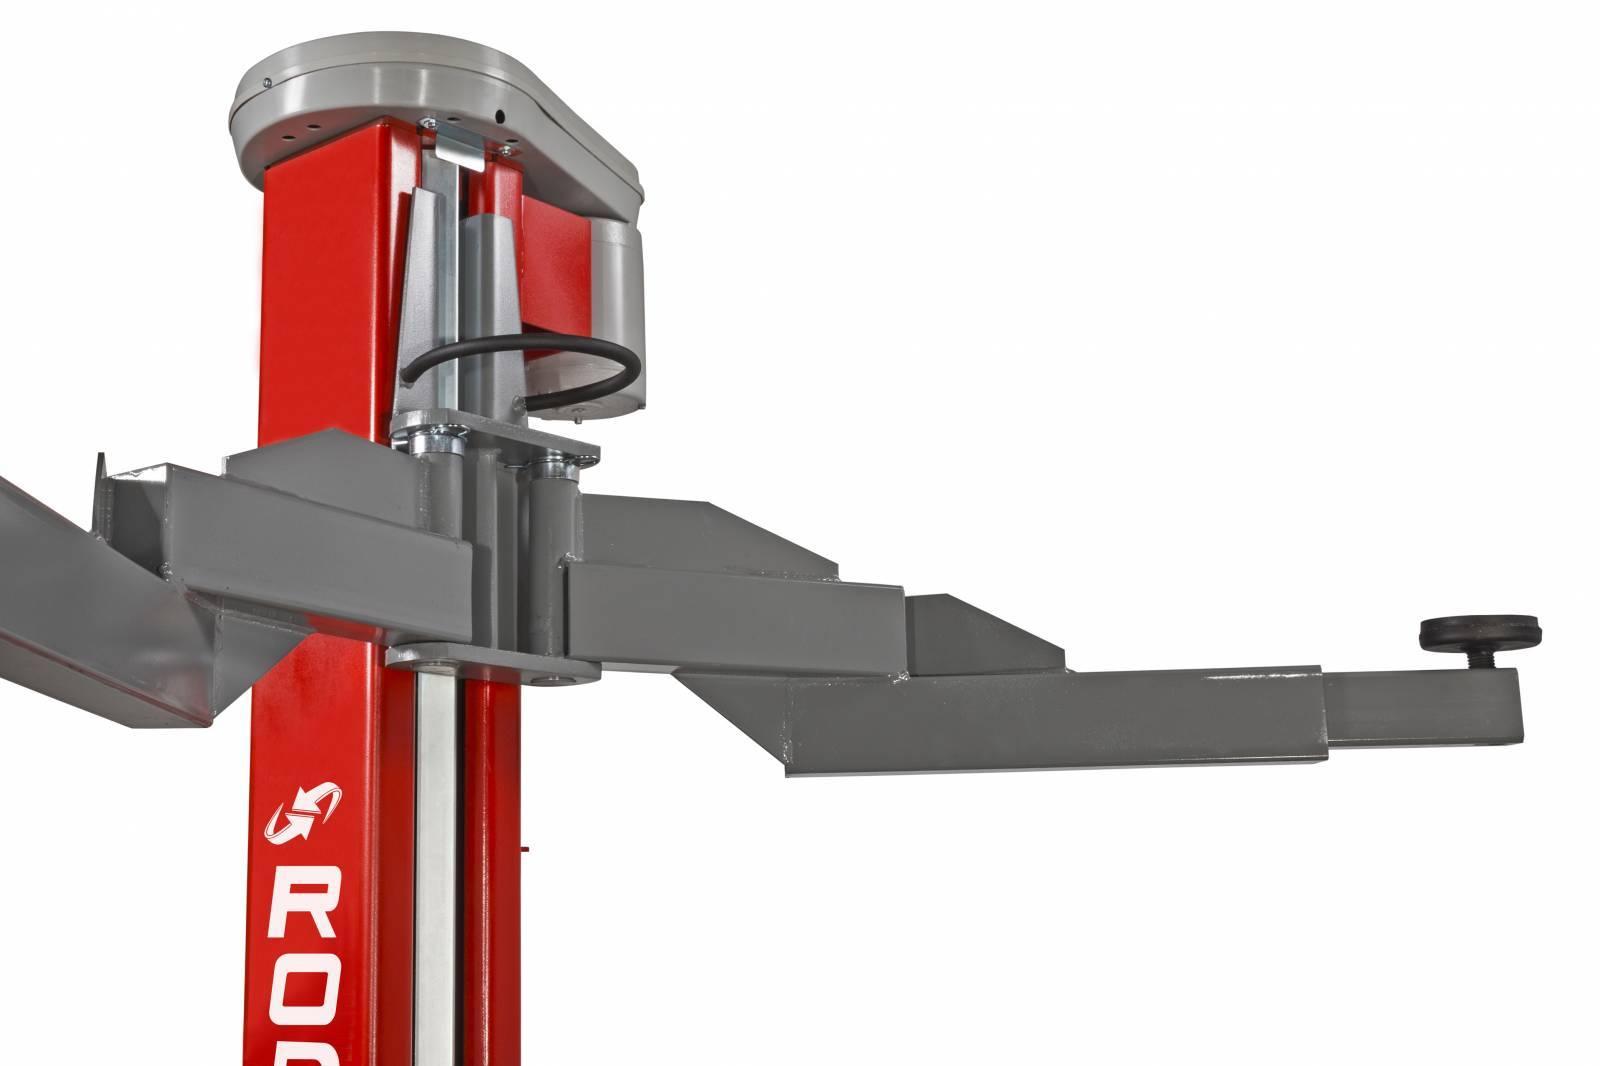 Elevador ROD 4.0 Trifásico Lub. Automática a Óleo (cód. 1298 - RODAVELE